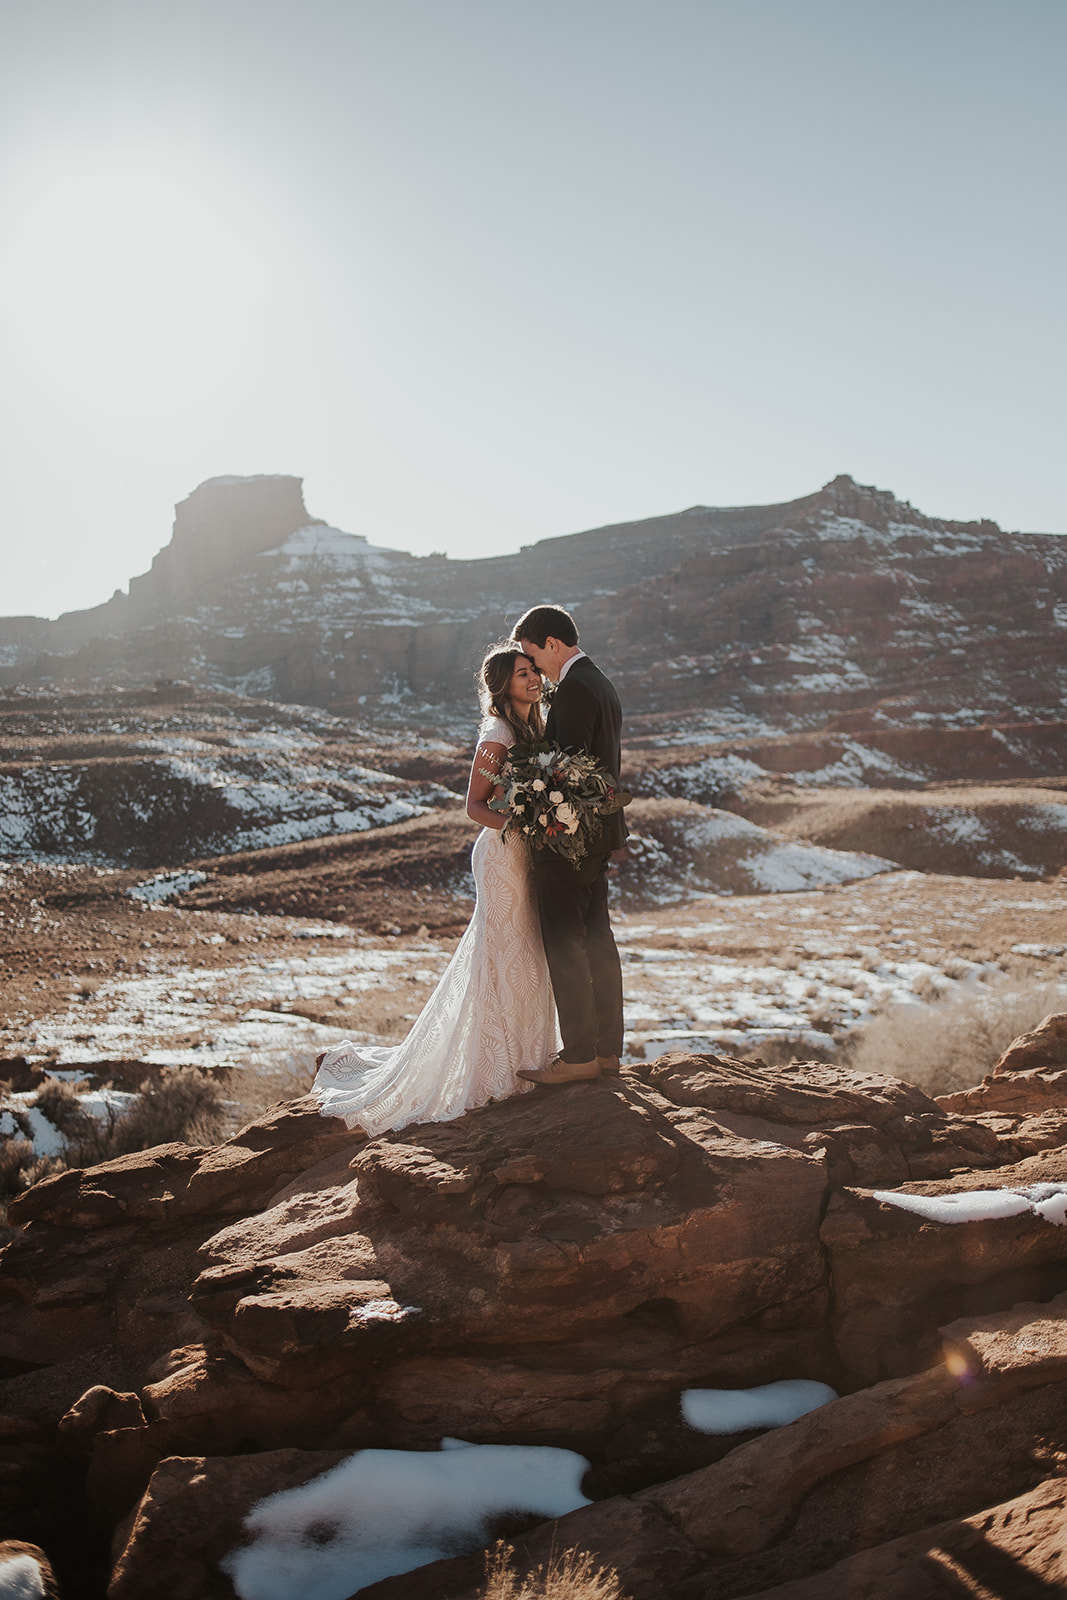 jamie+weston bridals-4.jpg